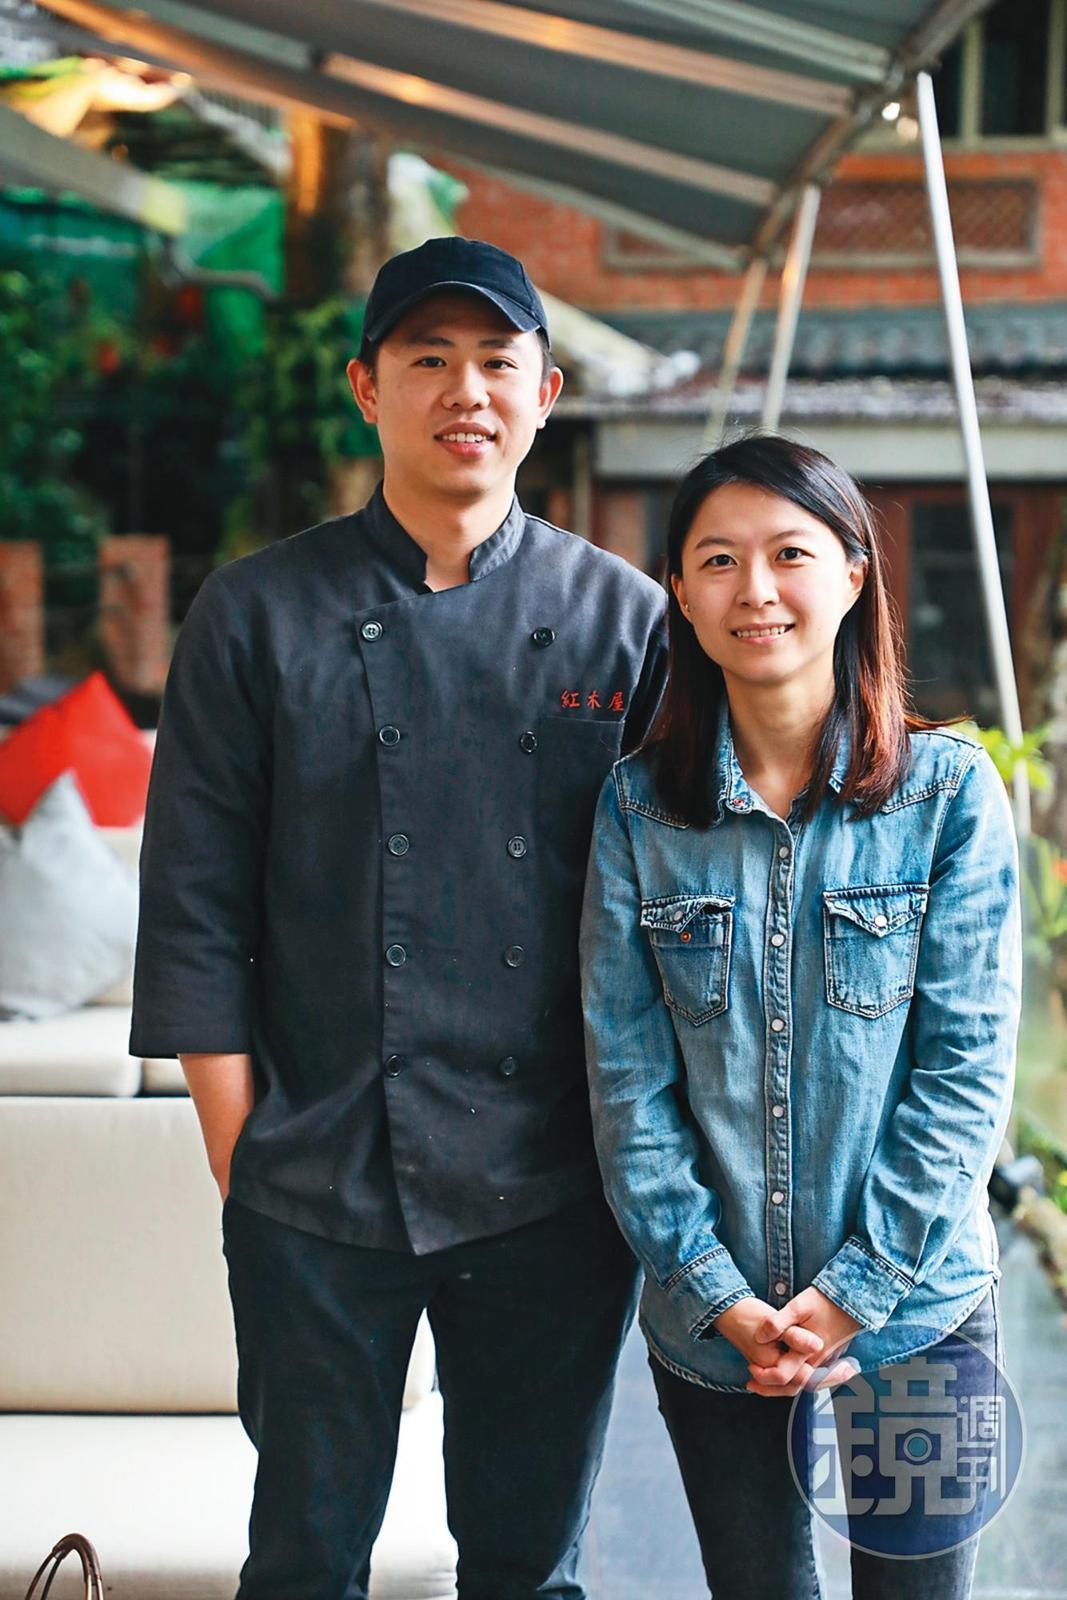 張雅婷(右)及張博竣(左)自小生長在貓空,擁有新生代的思維。